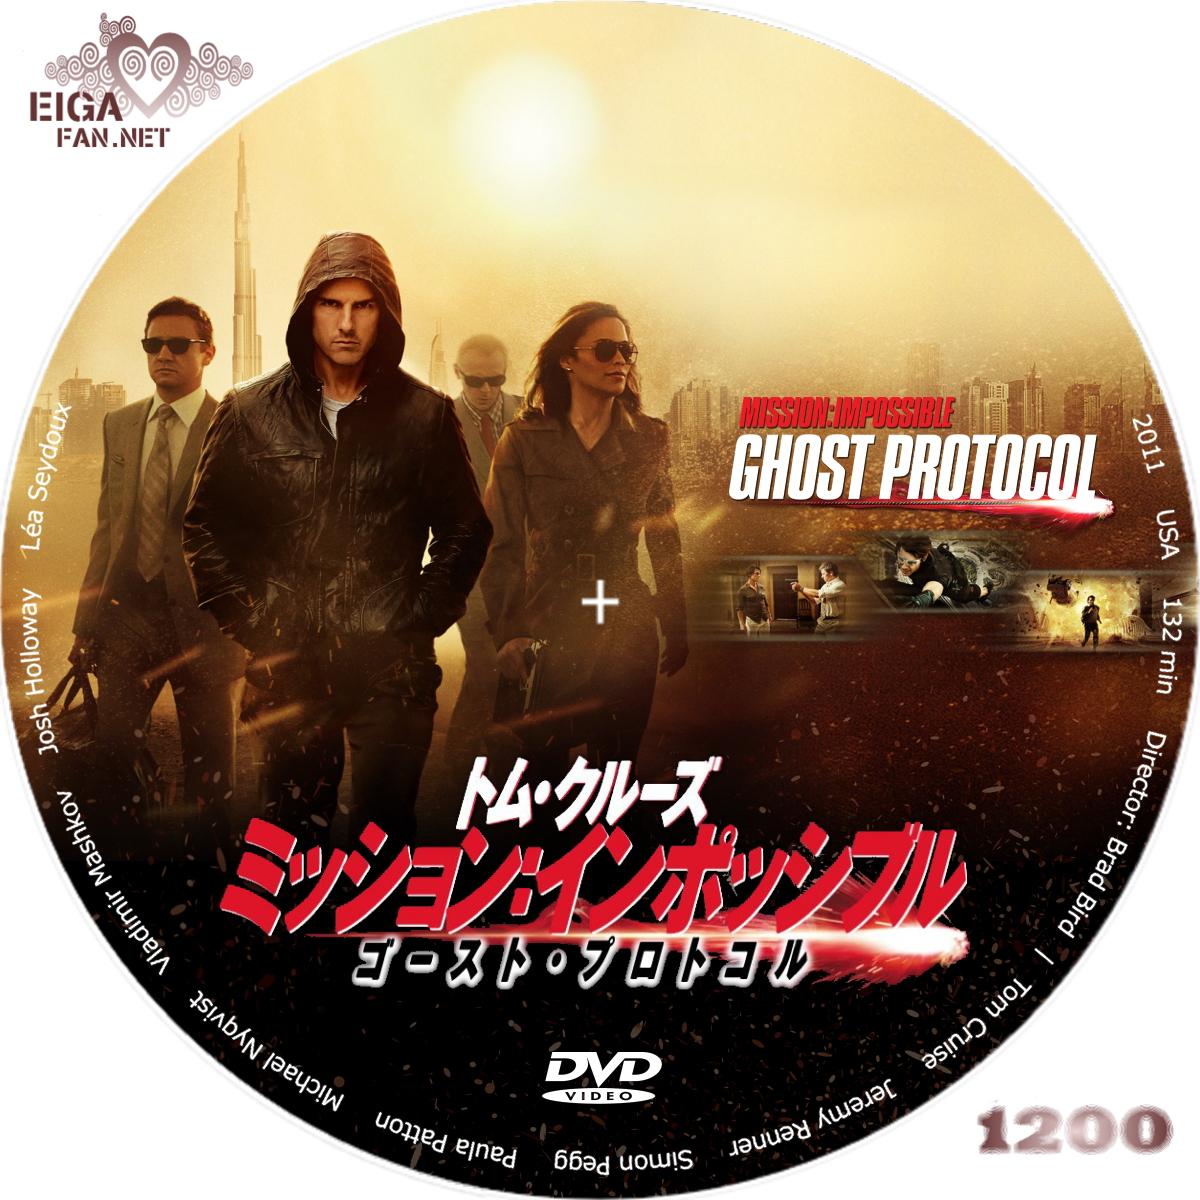 ミッション:インポッシブル/ゴースト・プロトコル (2011)      MISSION: IMPOSSIBLE - GHOST PROTOCOL      自作DVDラベル&BDラベル      トム・クルーズ主演 M:I シリーズ第4作